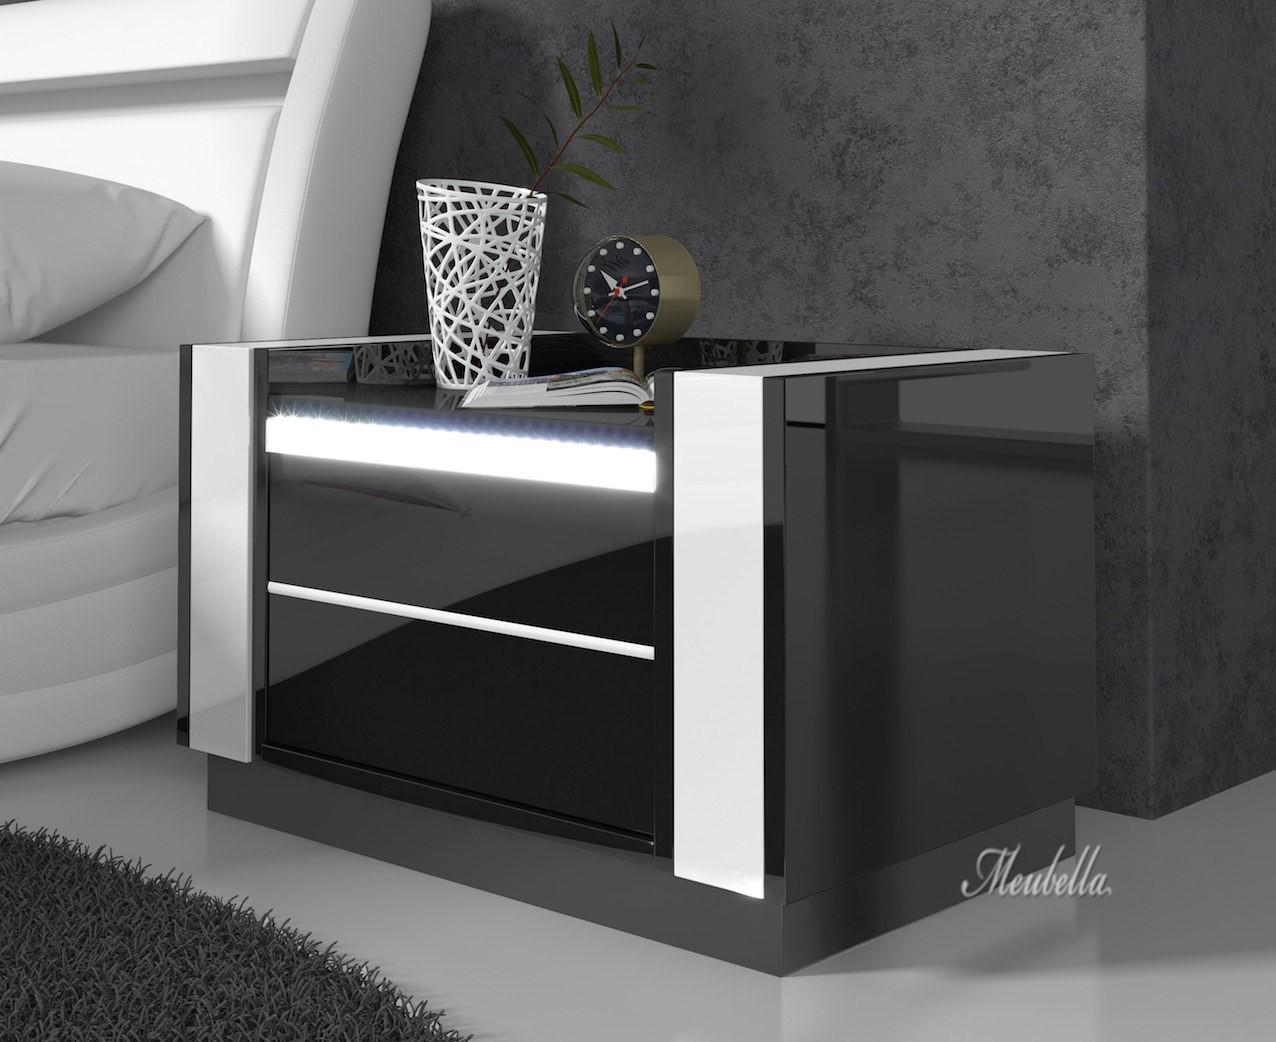 Nachtkastje Luna   LED   Zwart   Wit   Set van 2   Nachtkastjes   Kasten   Slaapkamer   Meubella